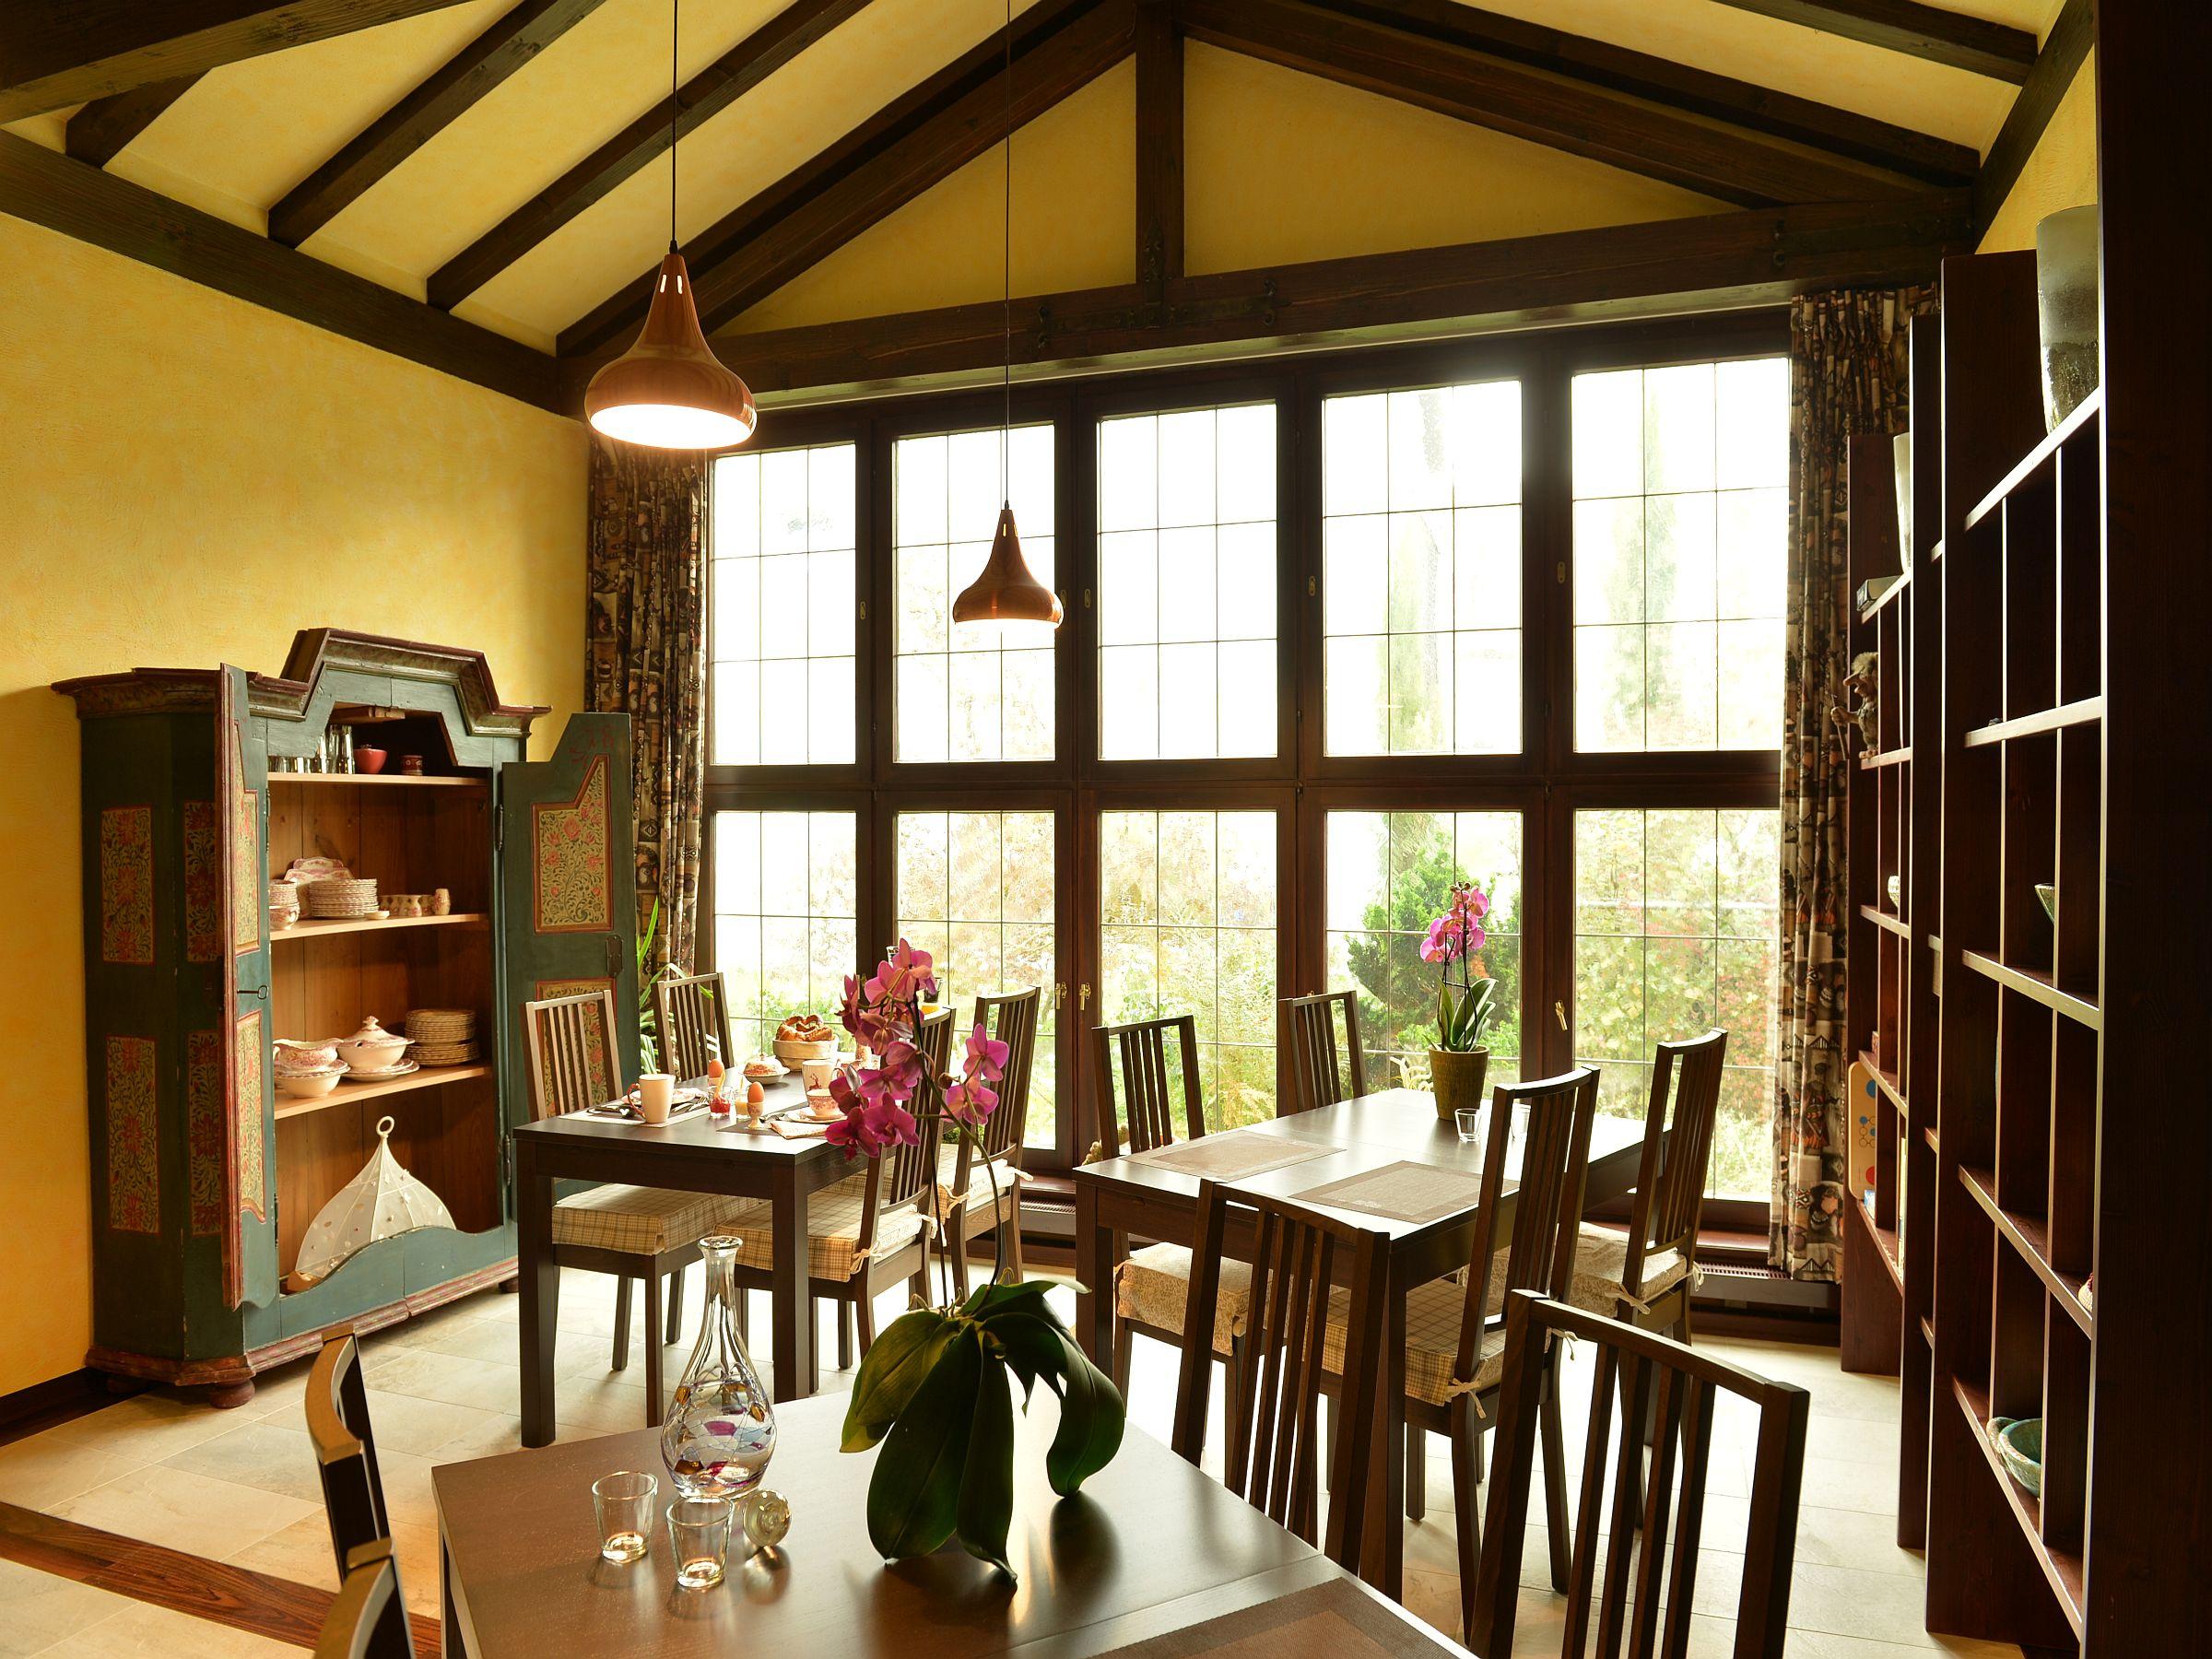 ferienwohnung lindau mit sauna f r bis zu 2 personen mieten. Black Bedroom Furniture Sets. Home Design Ideas